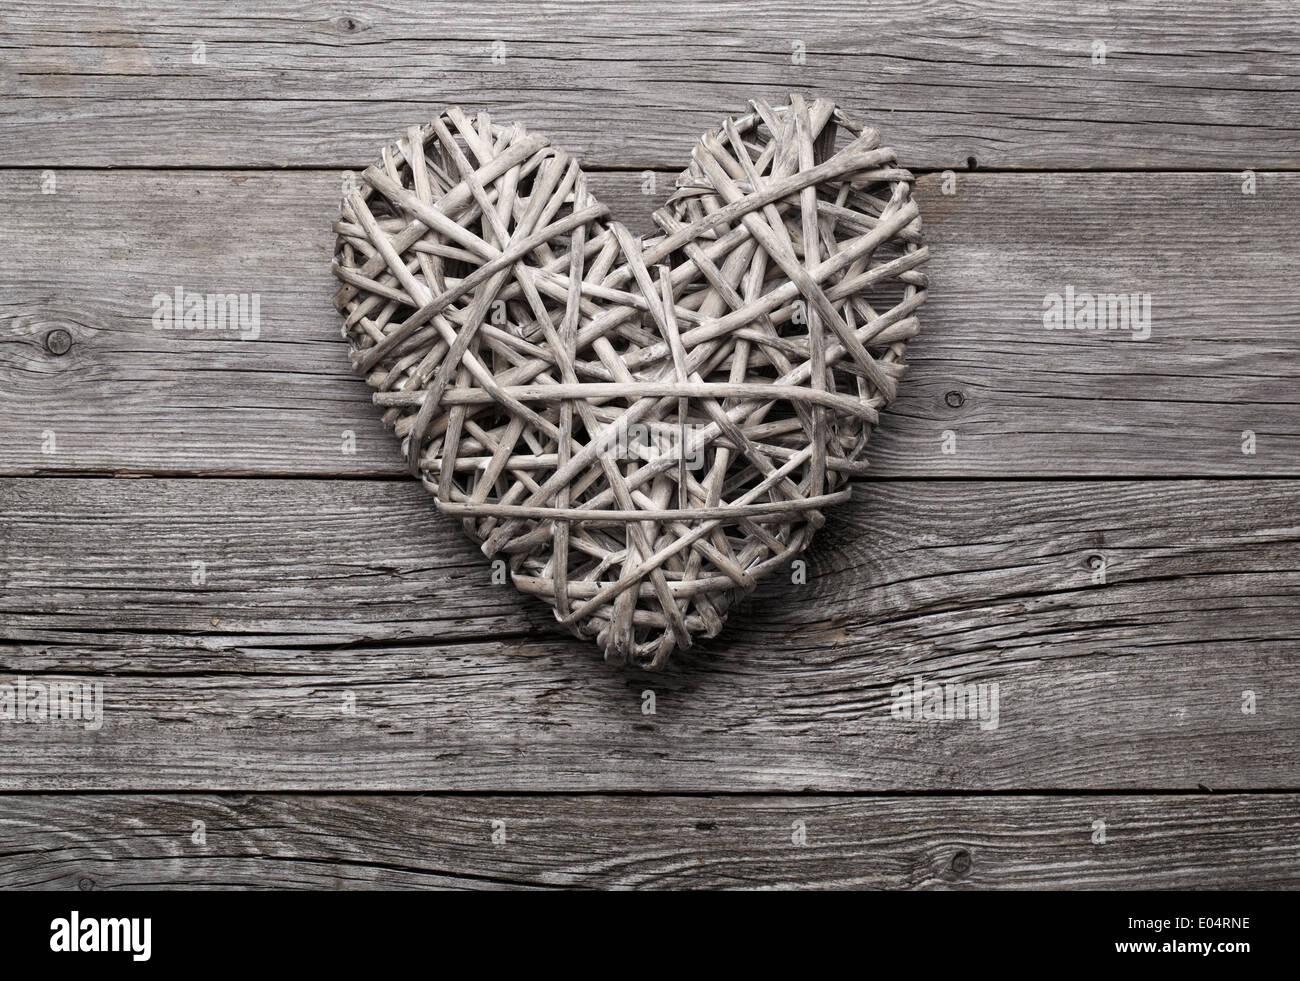 Décoration en forme de coeur fait de paille. Photo Stock